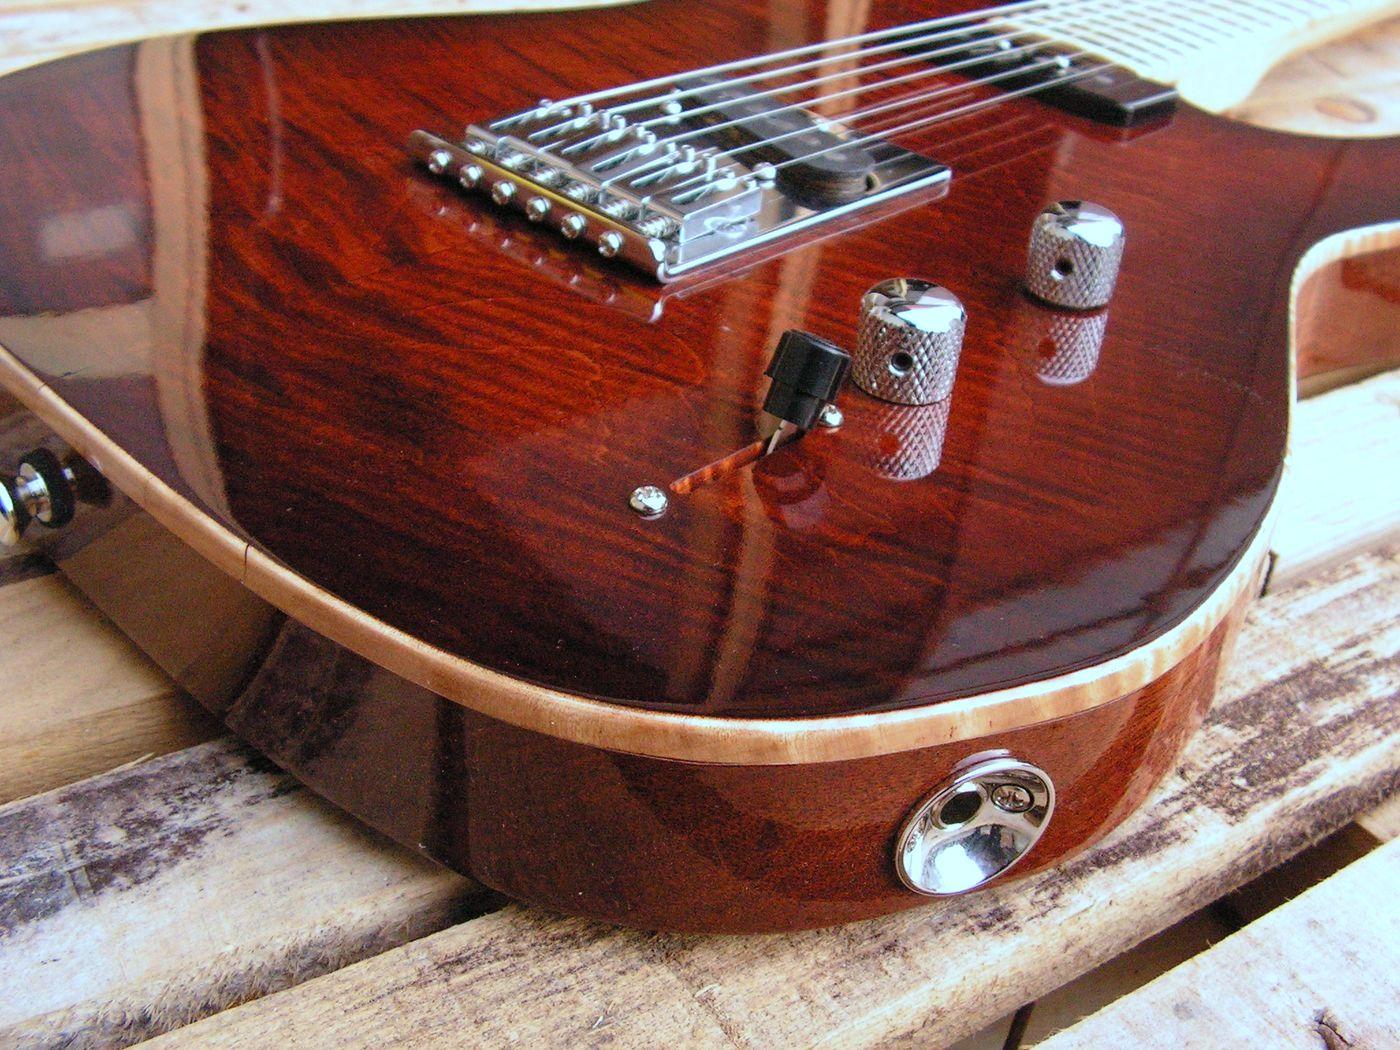 Ponte di una chitarra Telecaster in mogano con top in acero